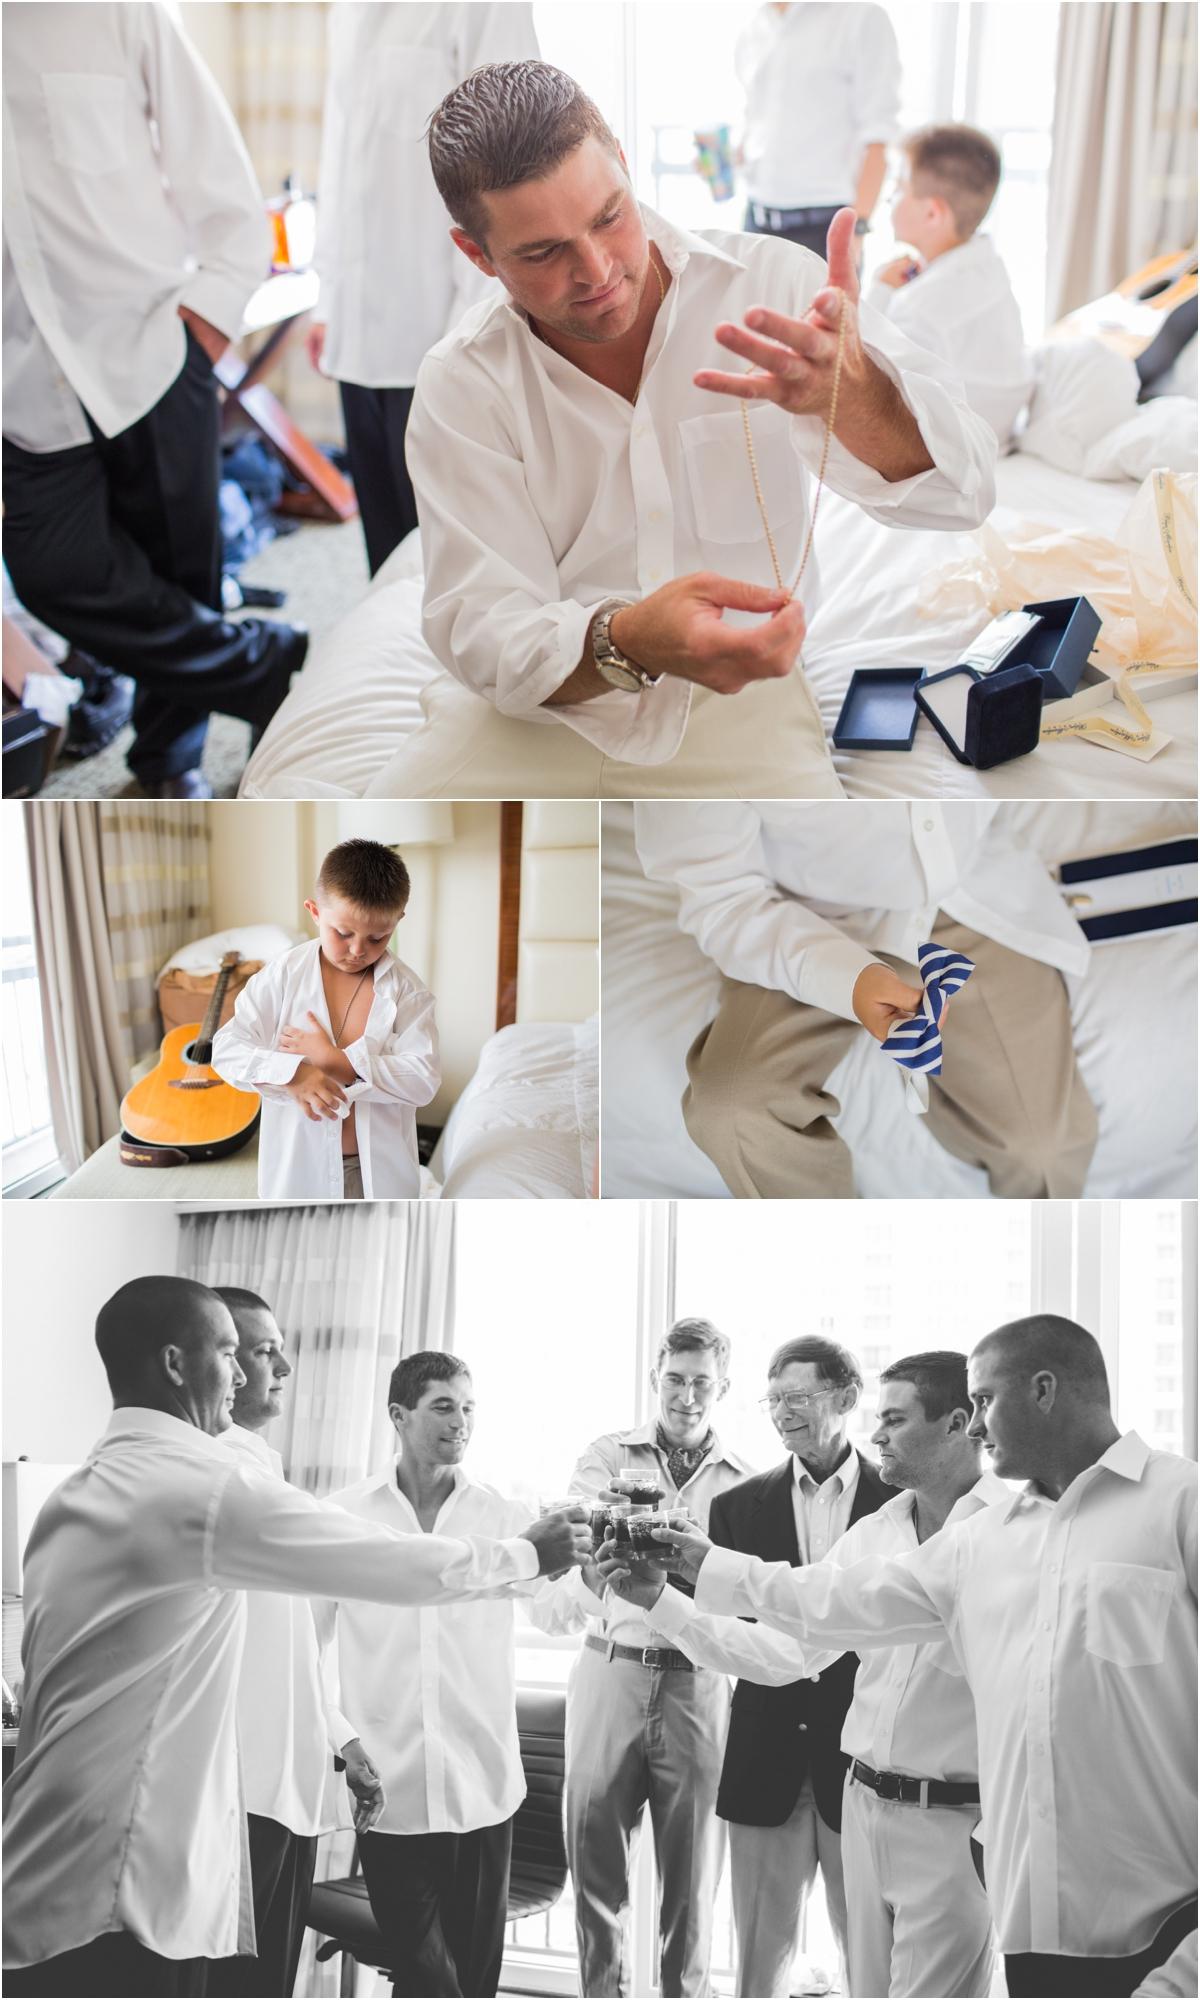 Singer_Island_wedding_hilton_5